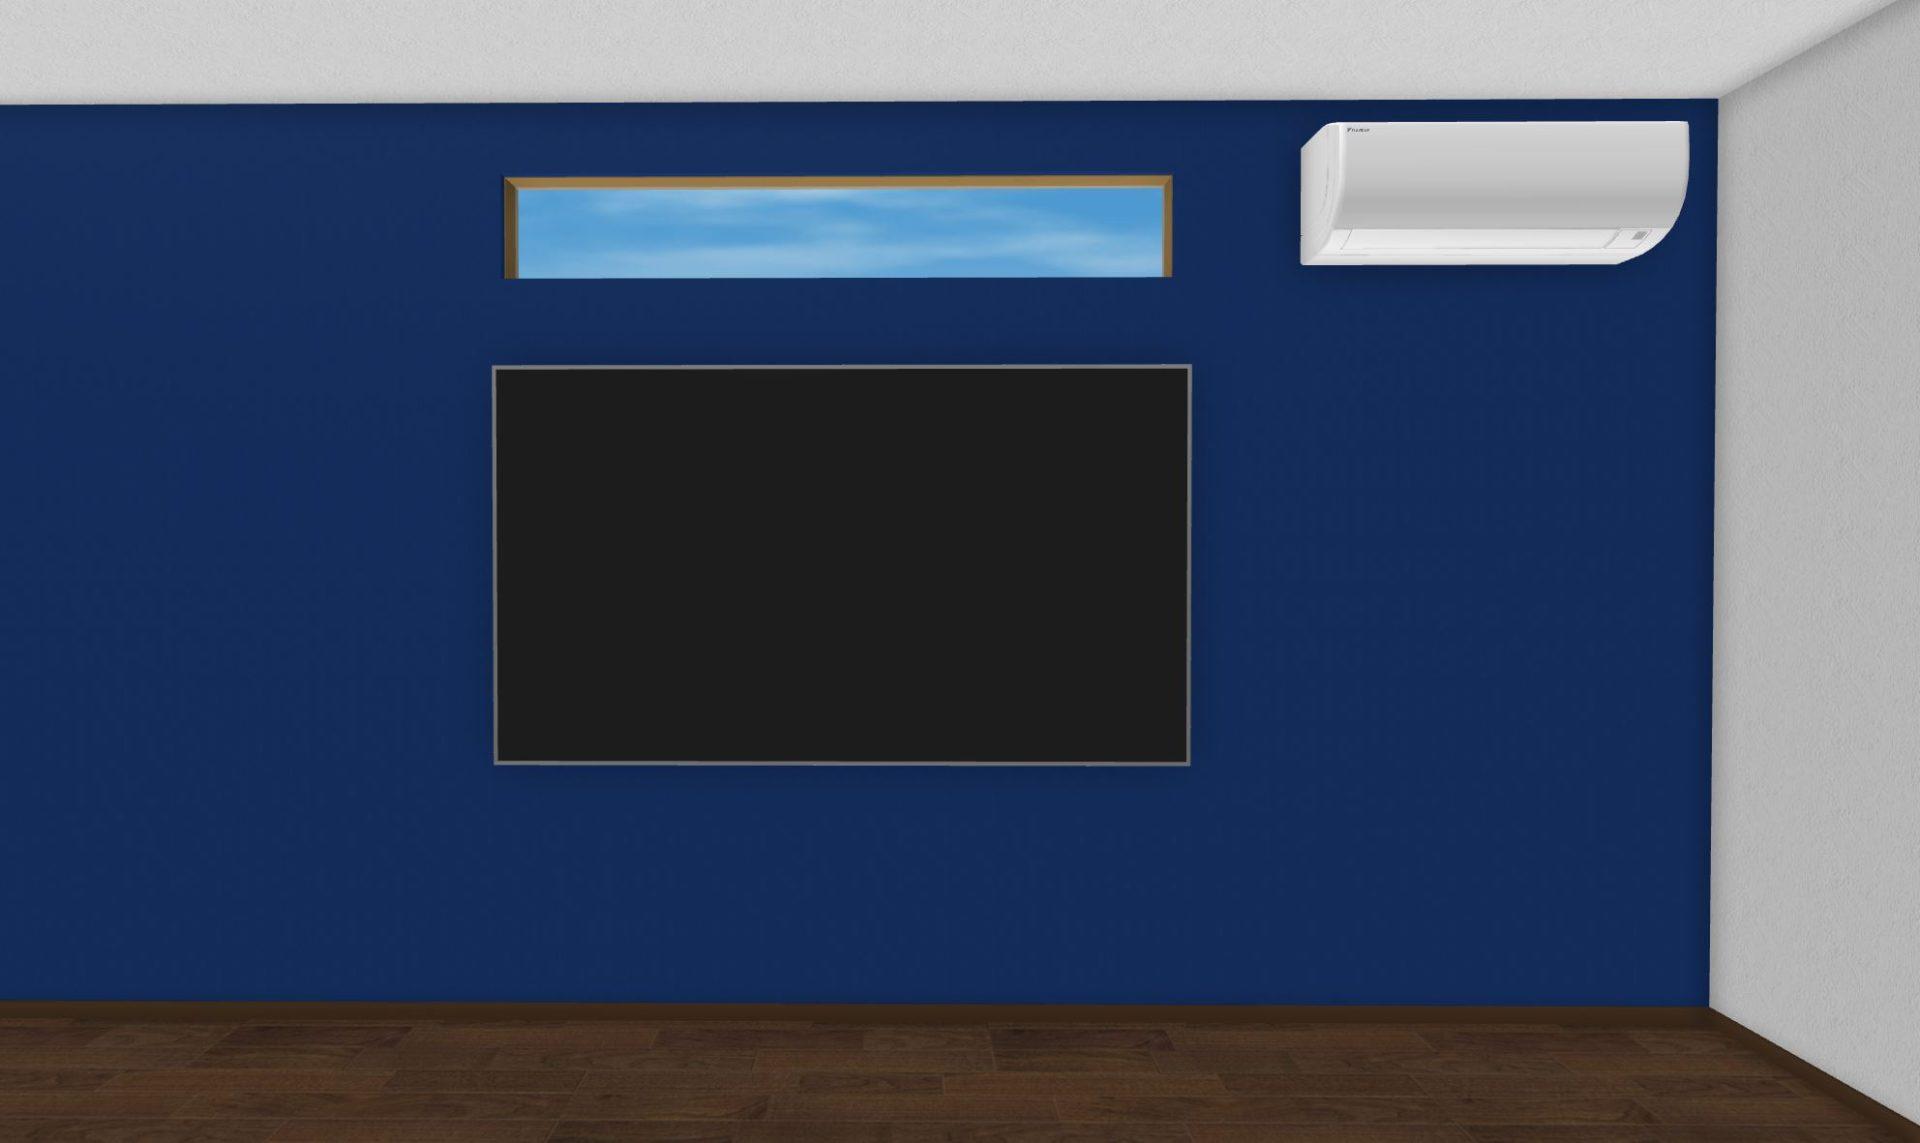 テレビ・アクセント面に窓・エアコンの例